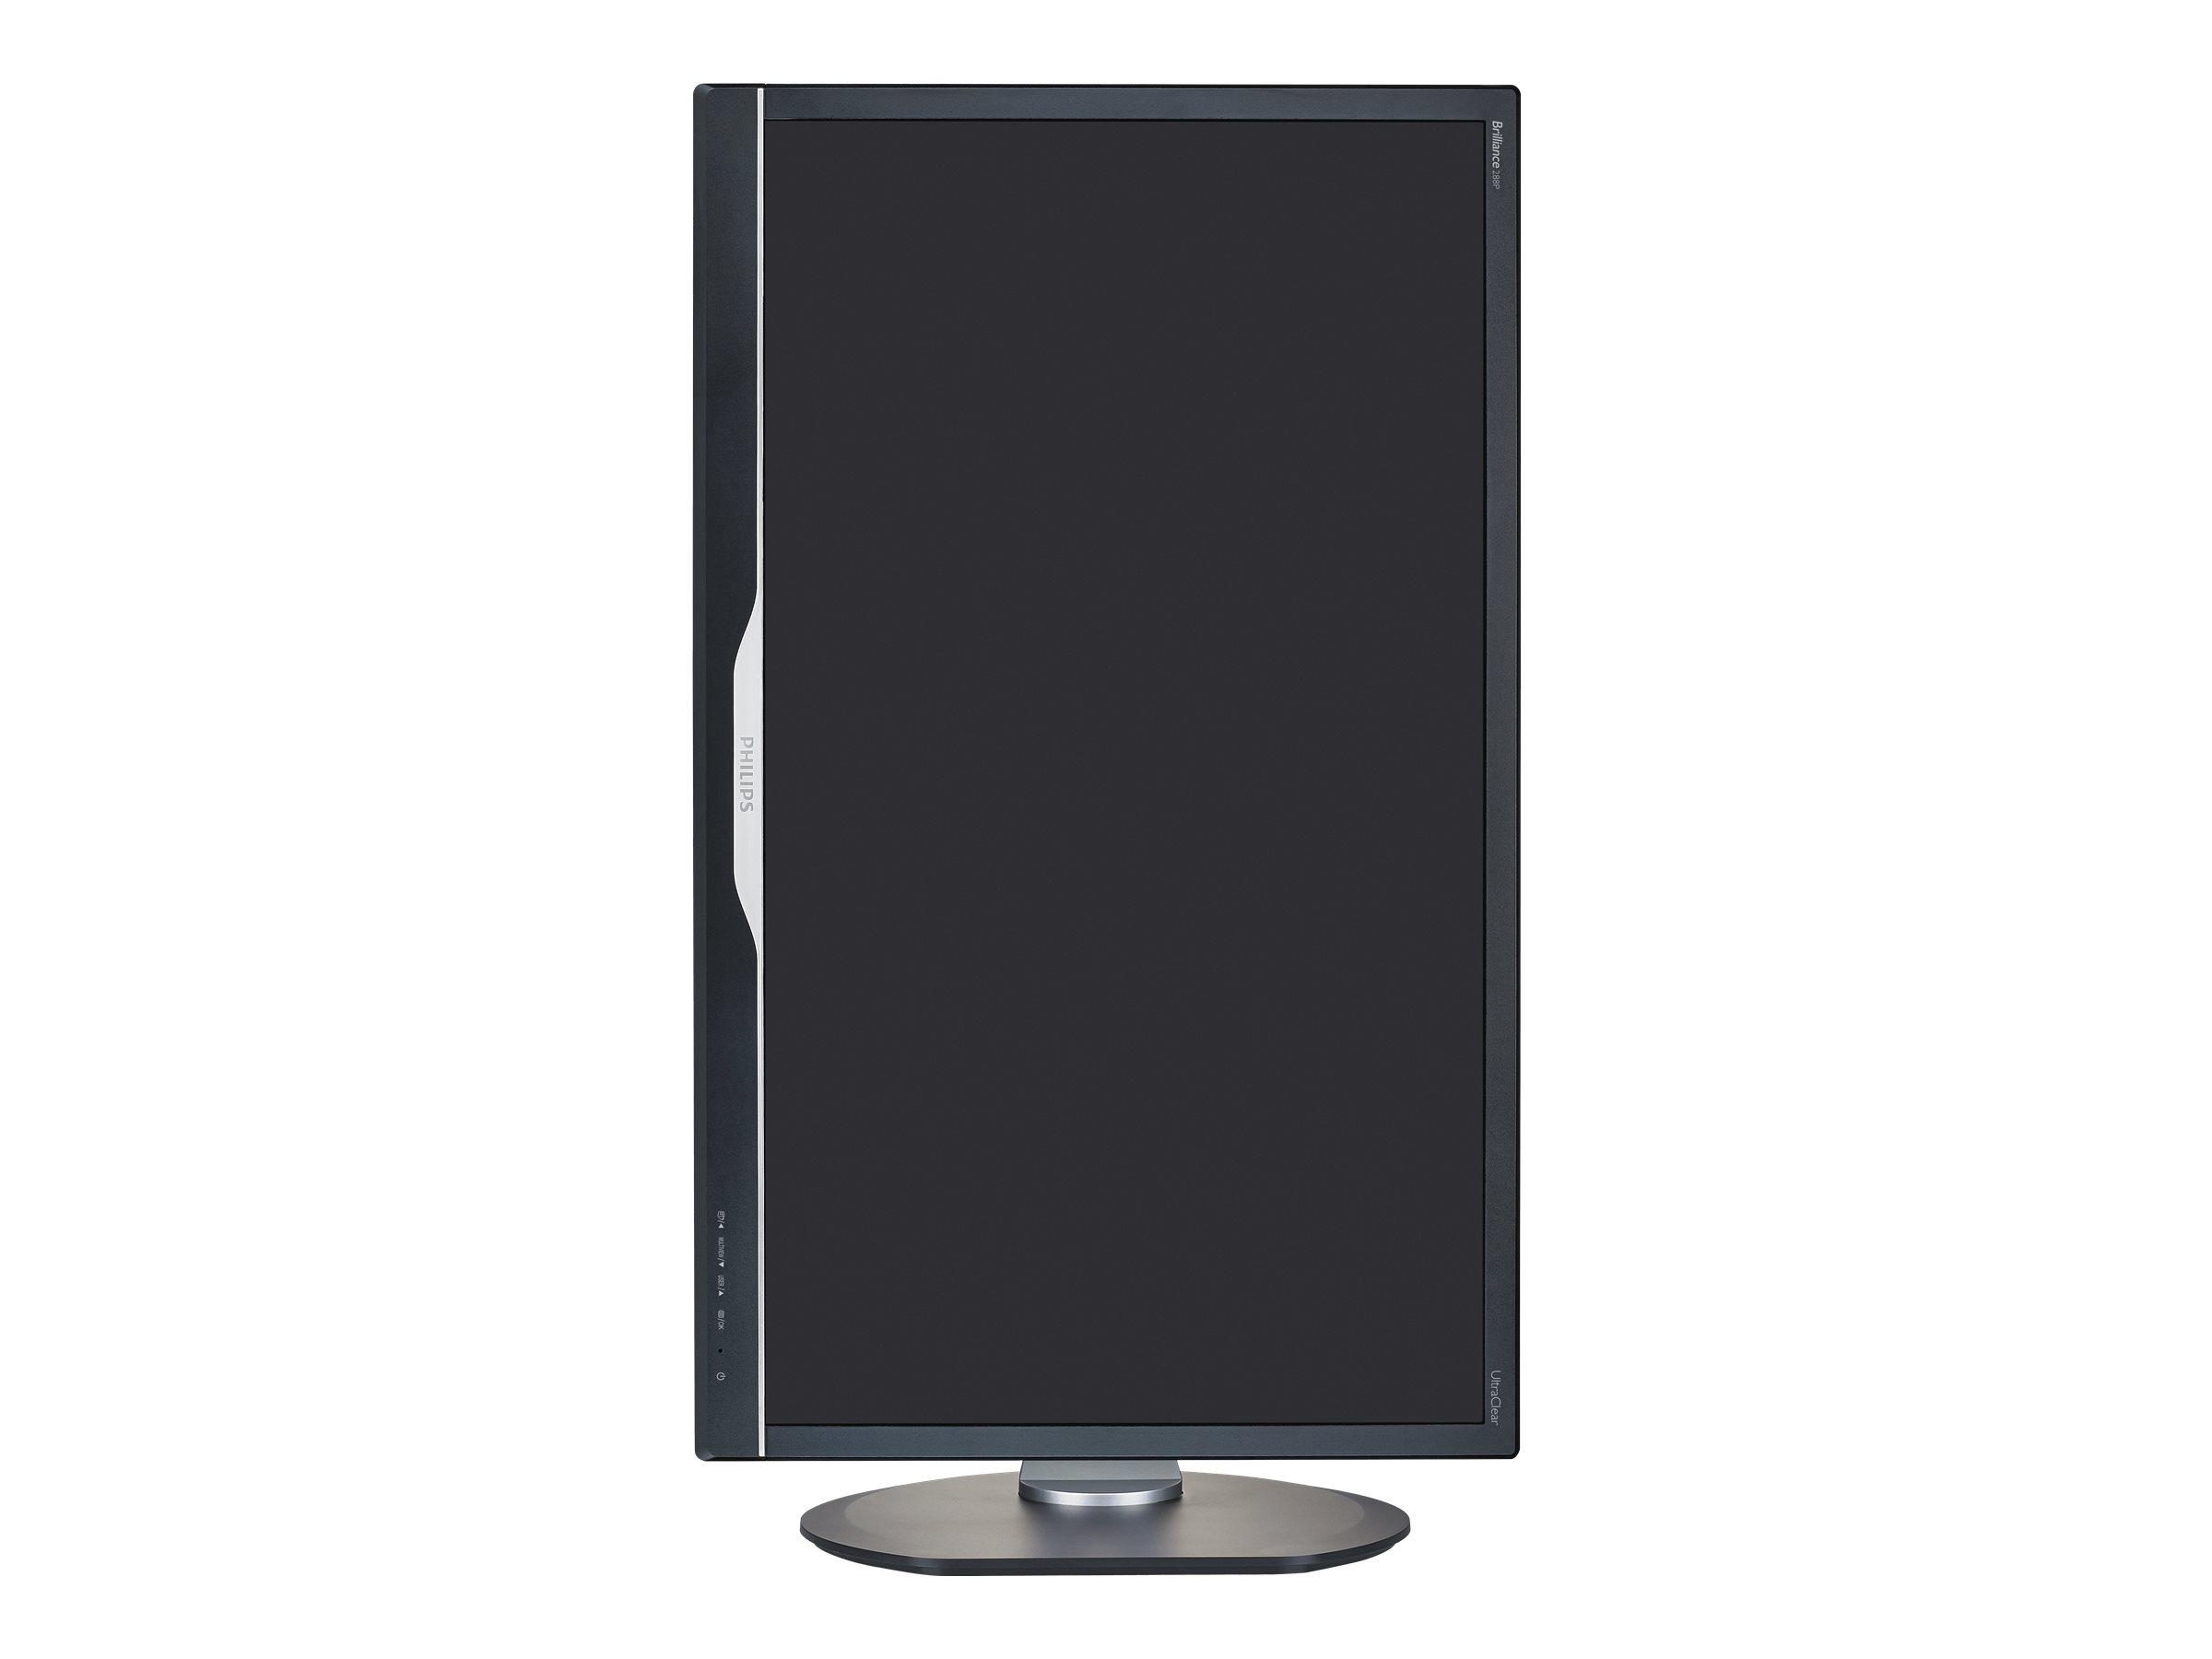 Philips Brilliance P-line 288P6LJEB - LED-Monitor - 71.1 cm (28